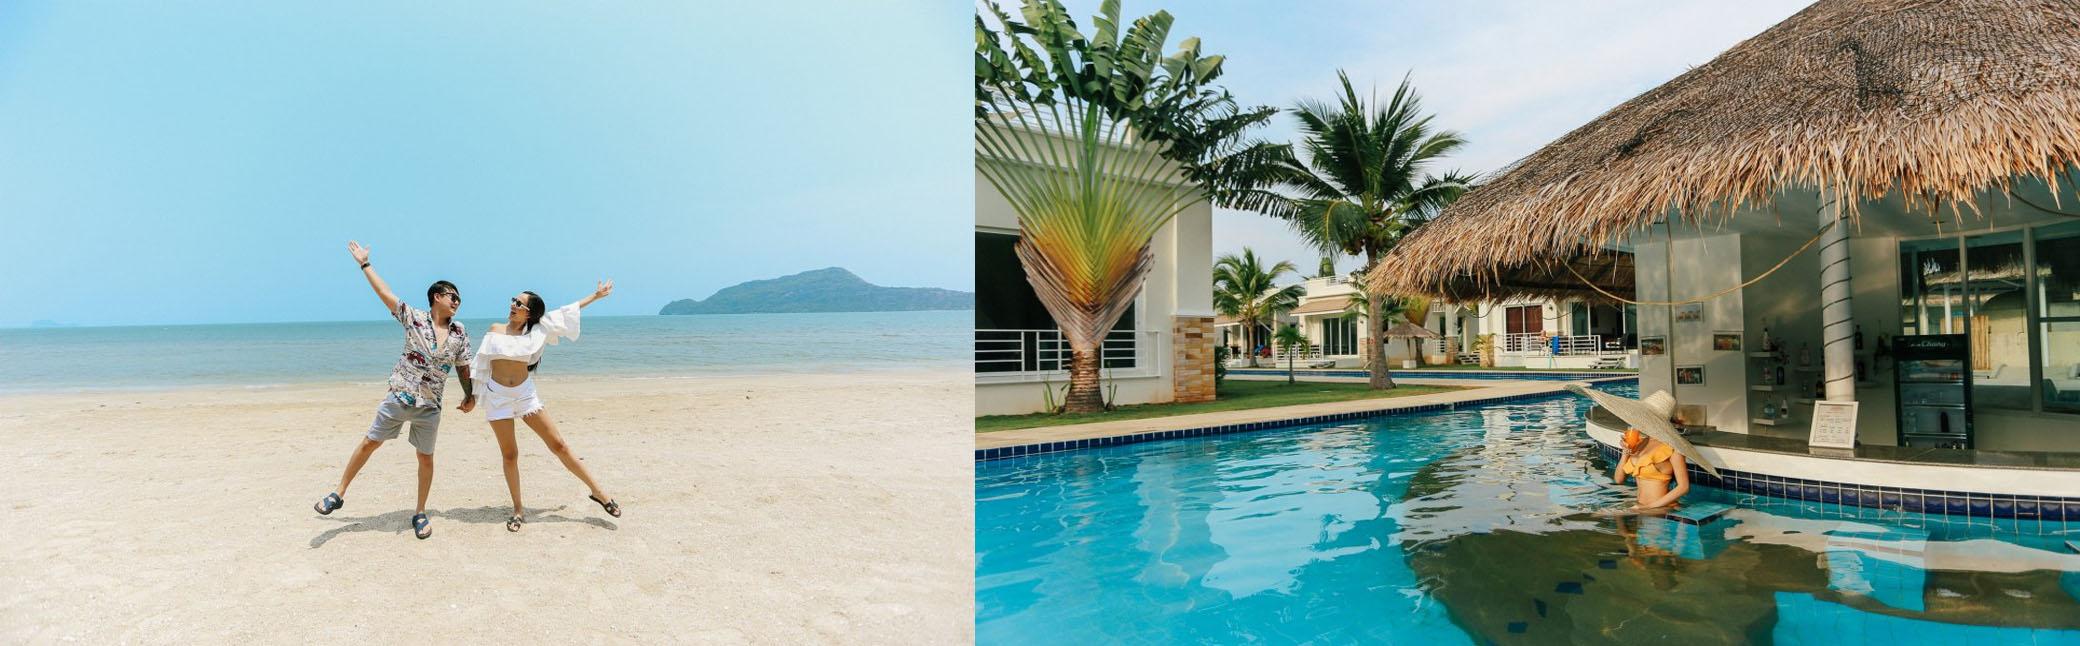 Oriental Beach Pearl บ้านส่วนตัวริมเขาหัวหินปราณบุรี ติดสระว่ายน้ำพร้อมเตาปิ้งย่าง อ่างจากุซซี่ดาดฟ้